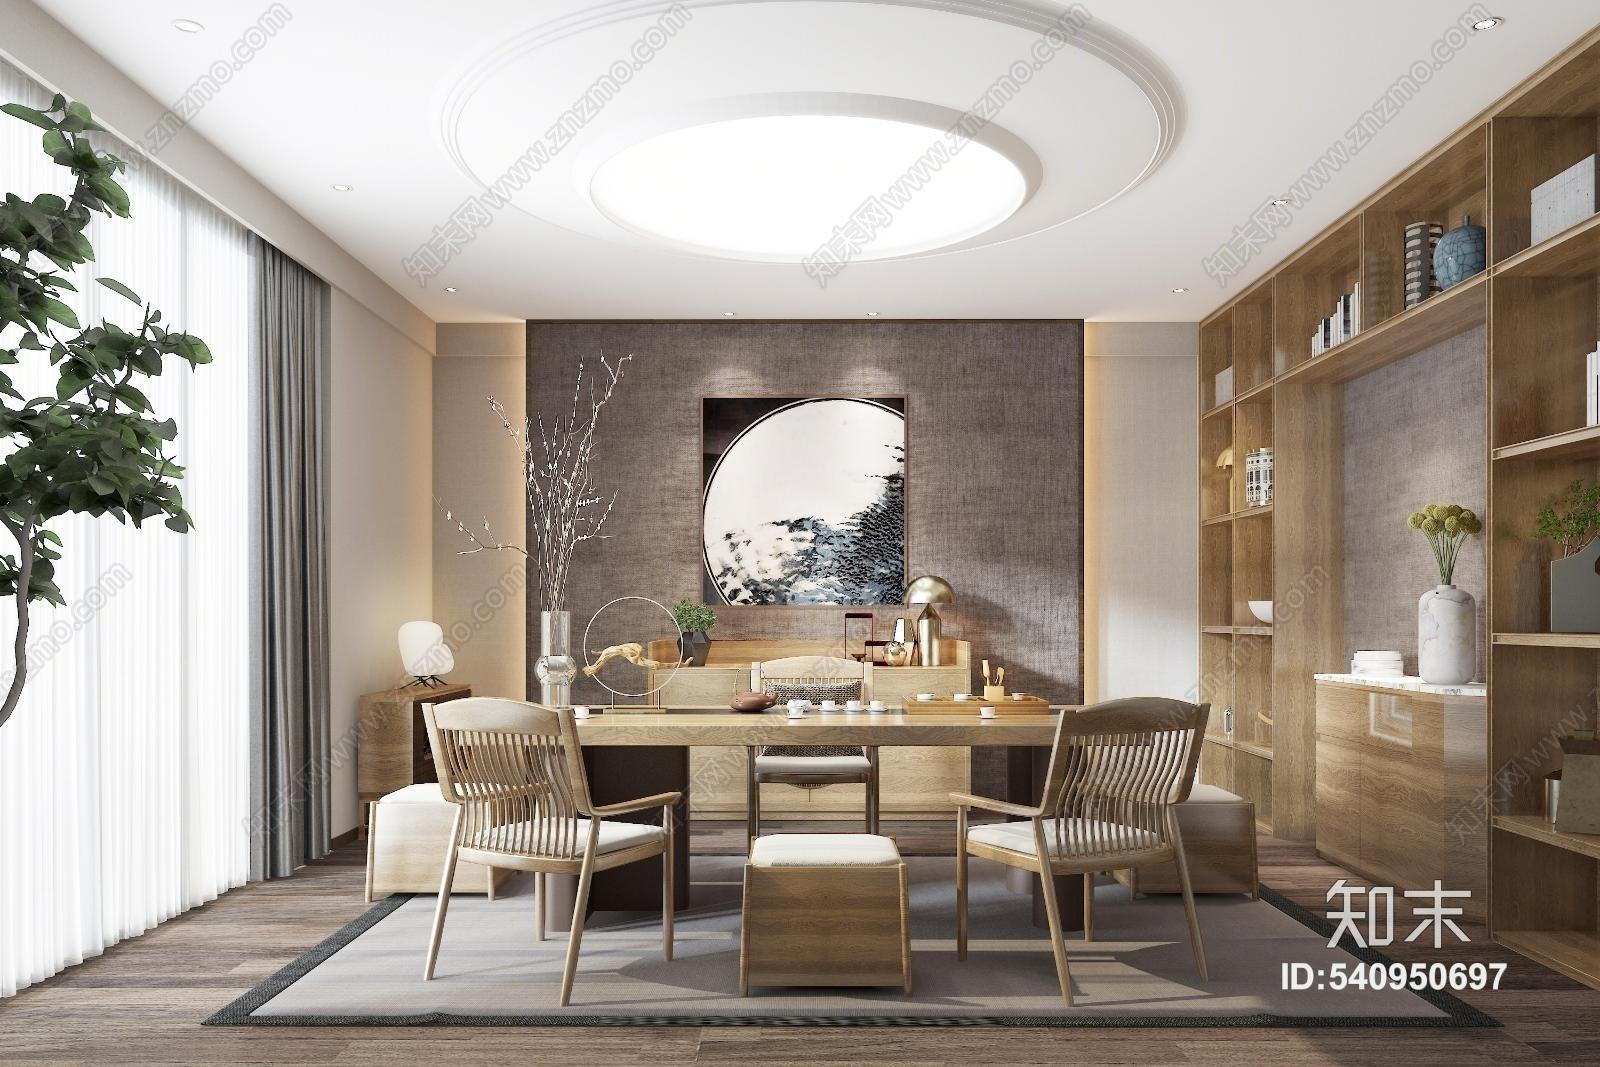 新中式茶室 书房 书桌 椅子 边柜 书柜 背景墙 装饰品